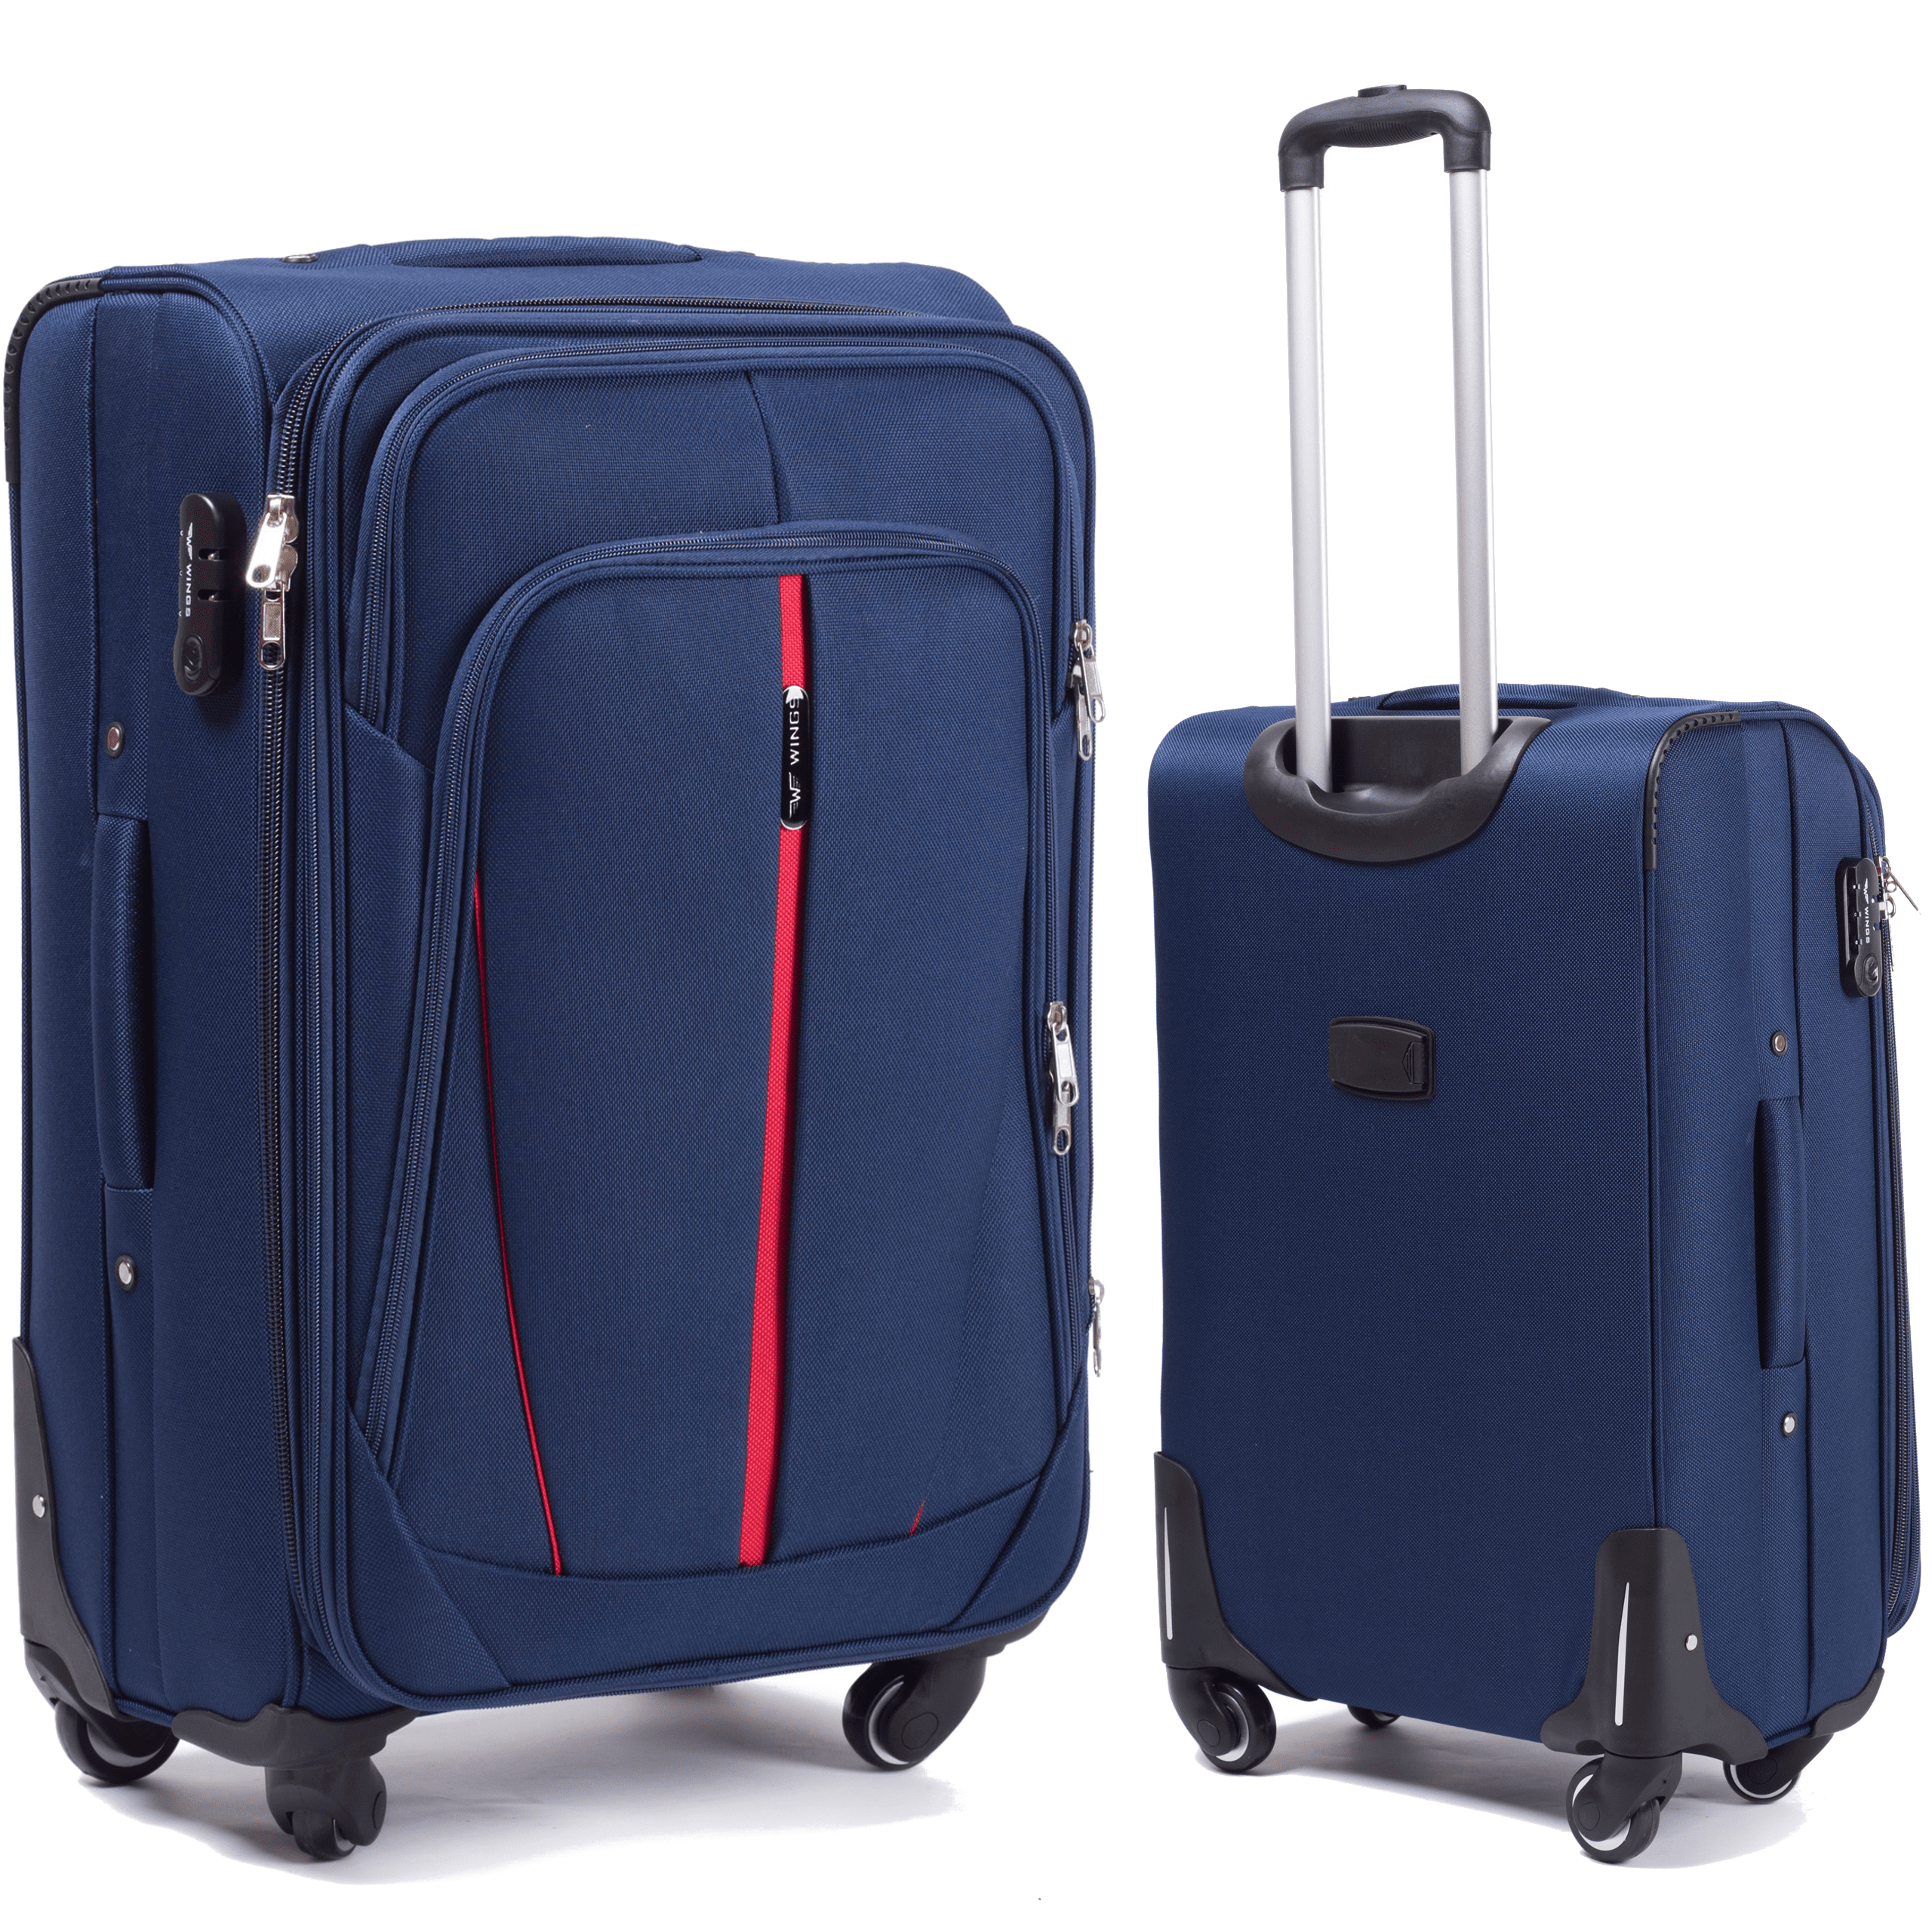 Малый Тканевый Чемодан Wings 1706-4 S Blue PREMIUM на 4-х прочных колесах!  Для багажа,до 10 кг